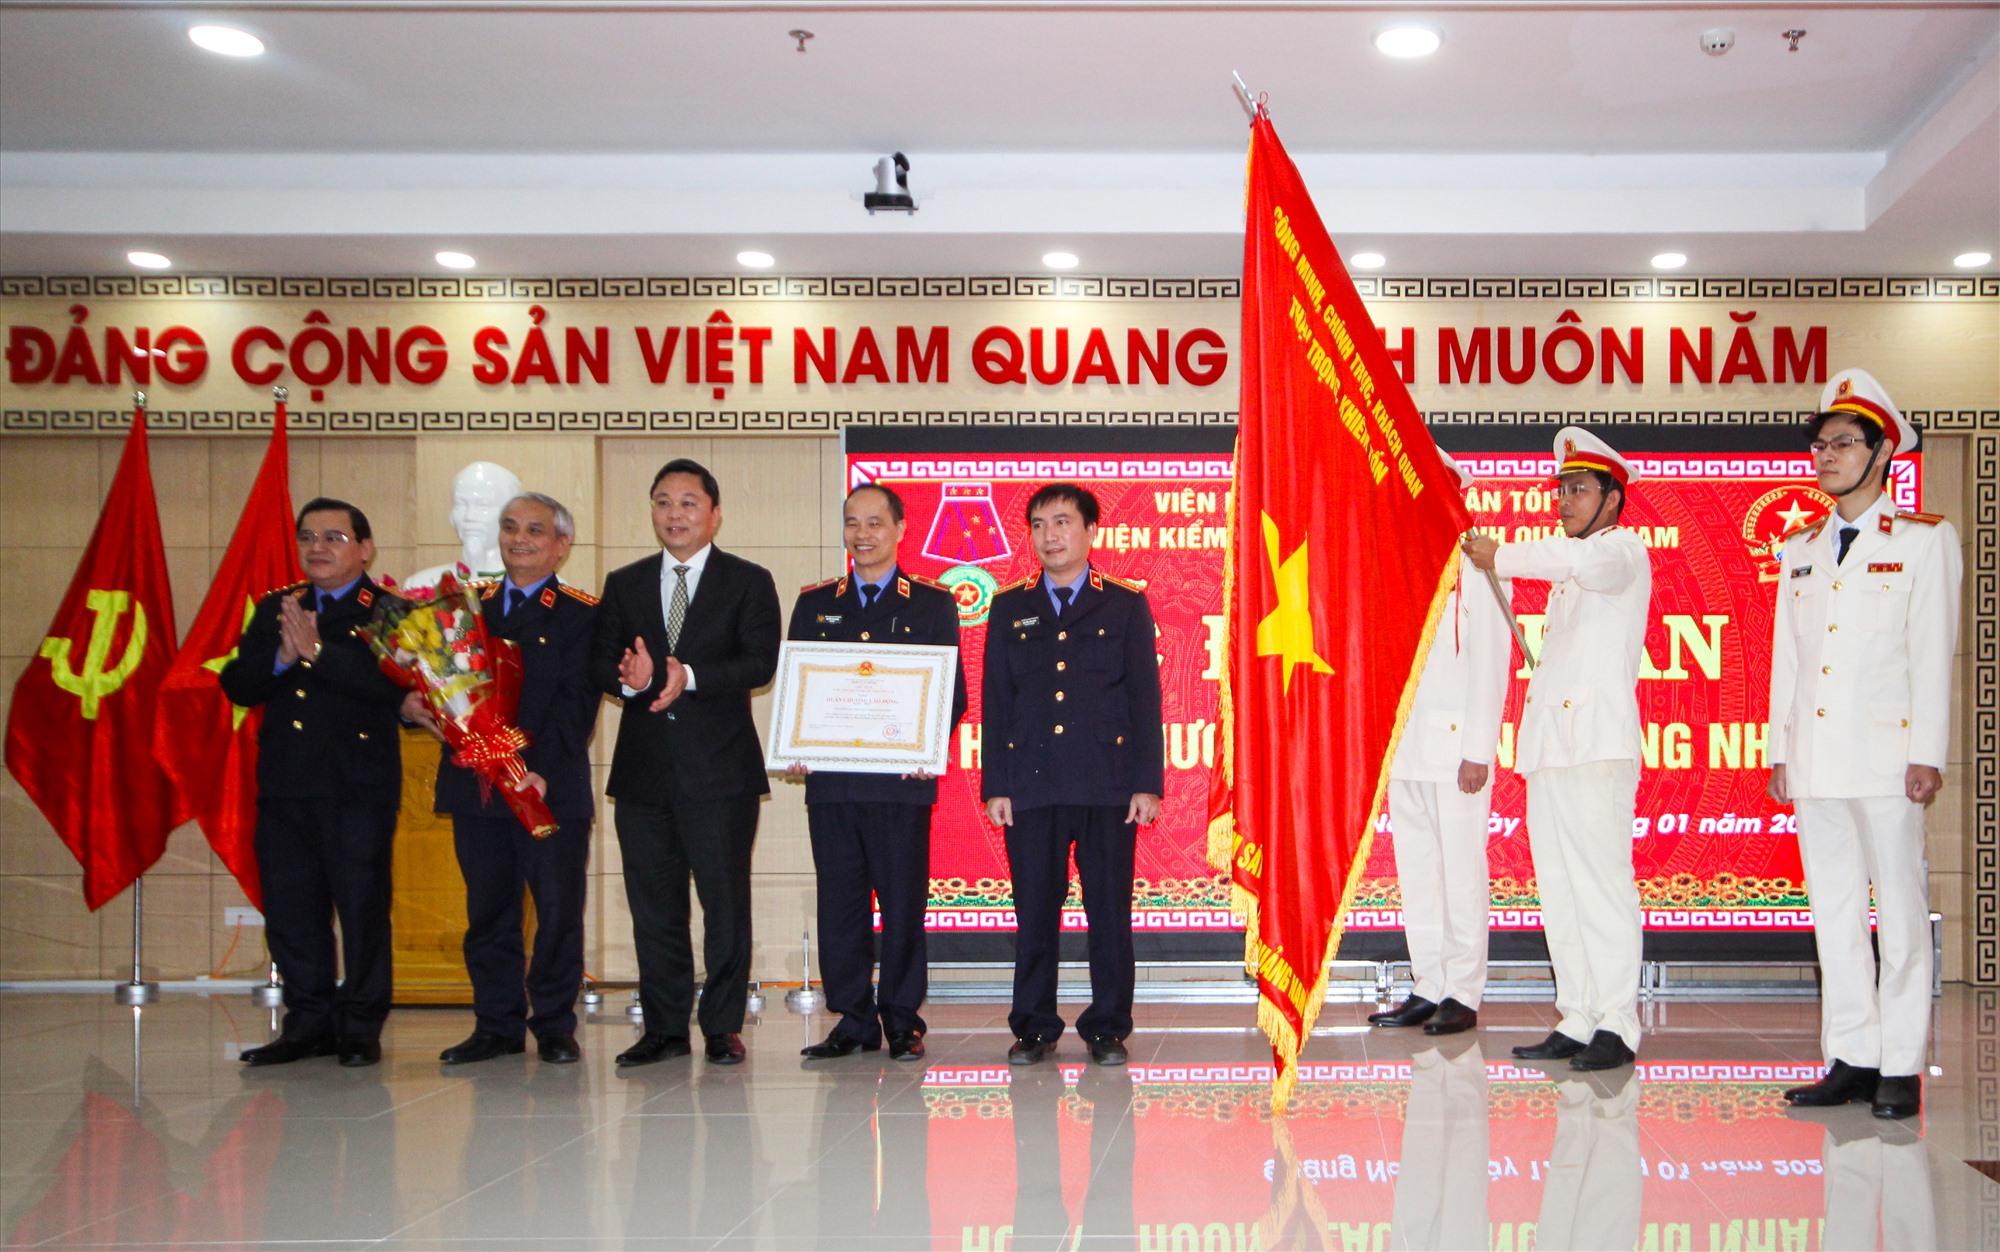 Viện kiểm sát nhân dân tỉnh đón nhận Huân chương Lao động hạng Nhất. Ảnh: T.C